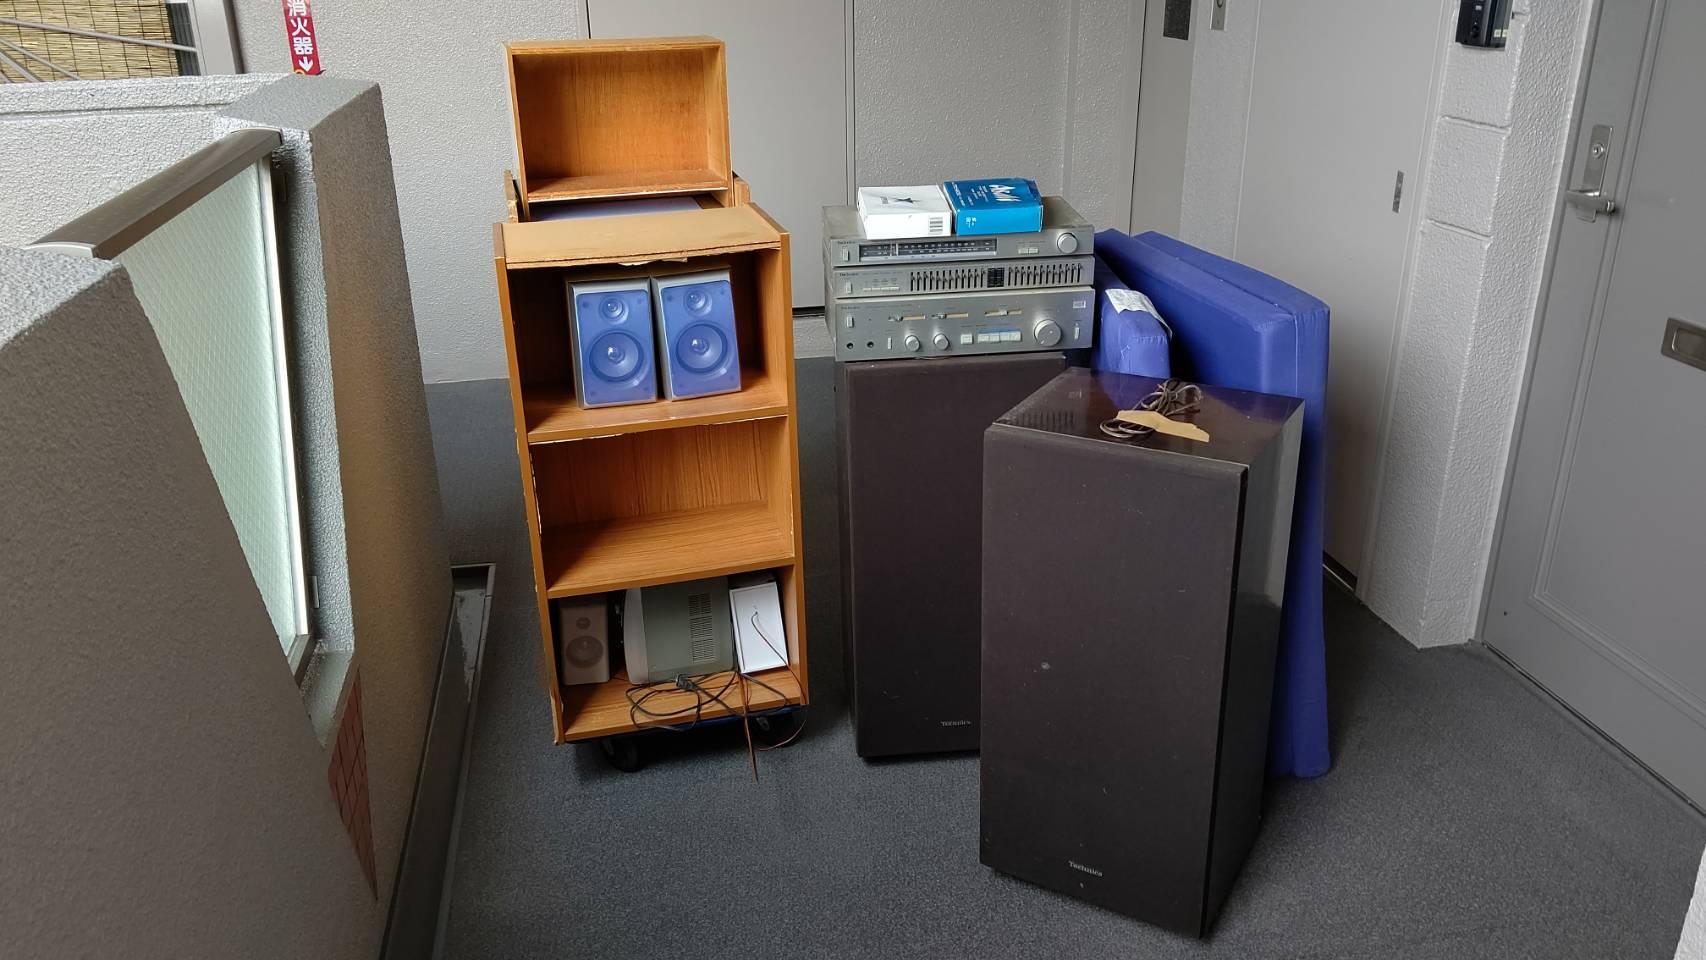 オーディオ機器、マット、カラーボックスの回収前